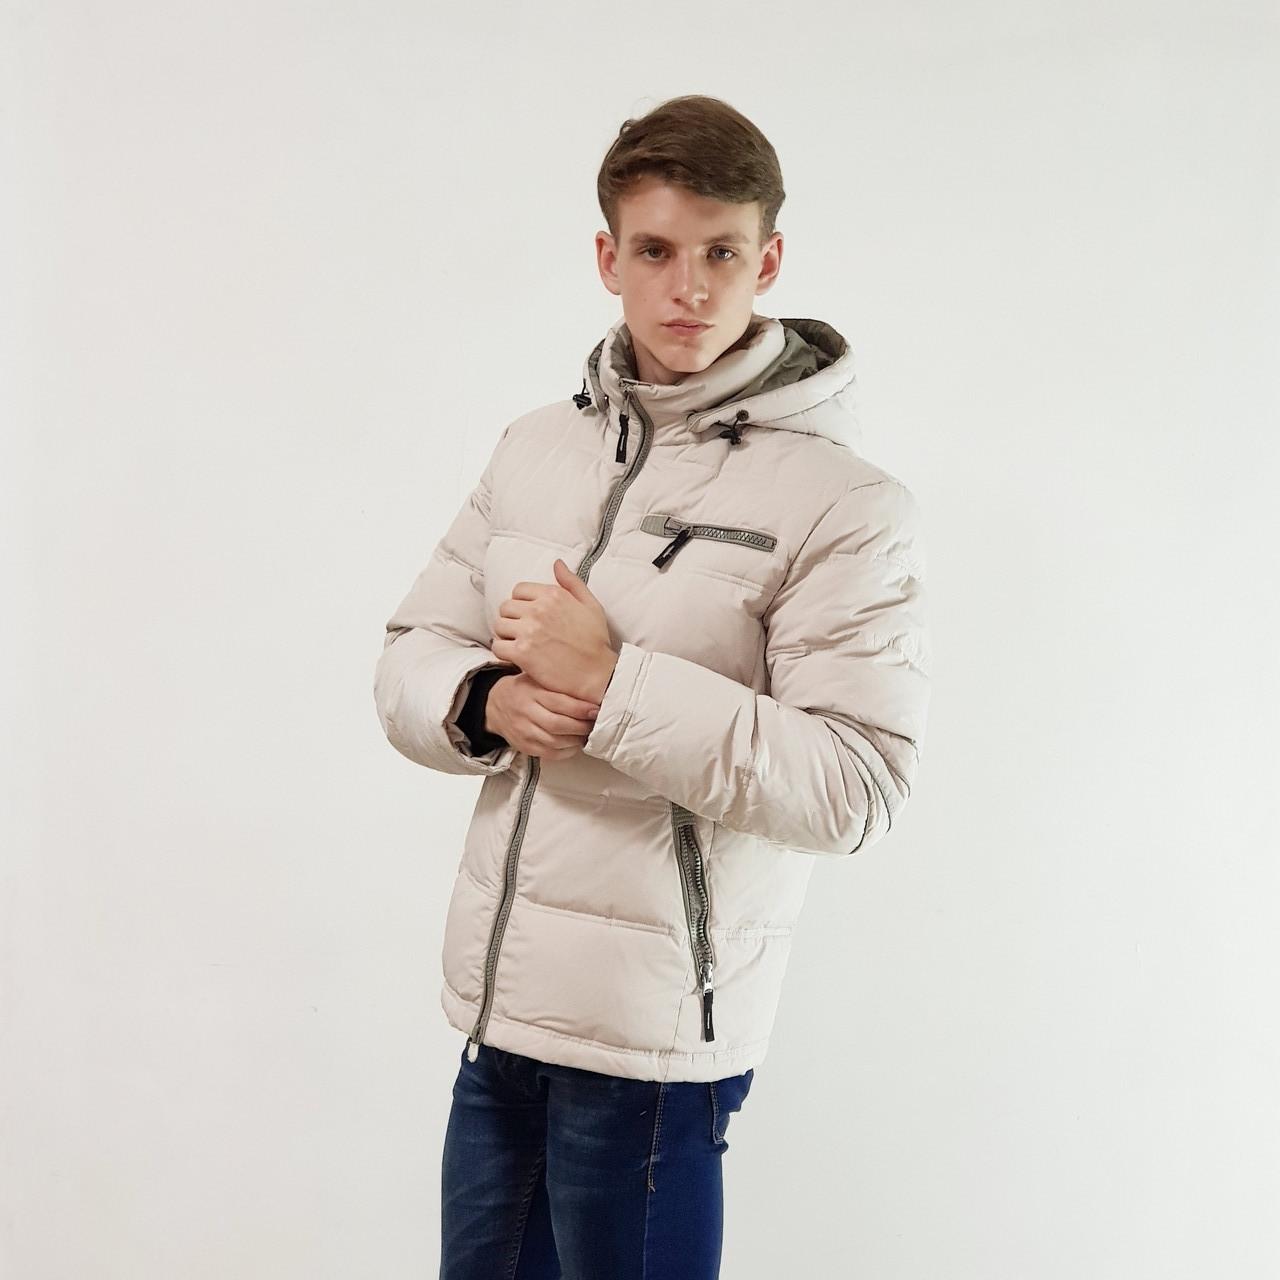 Куртка мужская зимняя Snowimage с капюшоном 46 бежевый 105A-9189